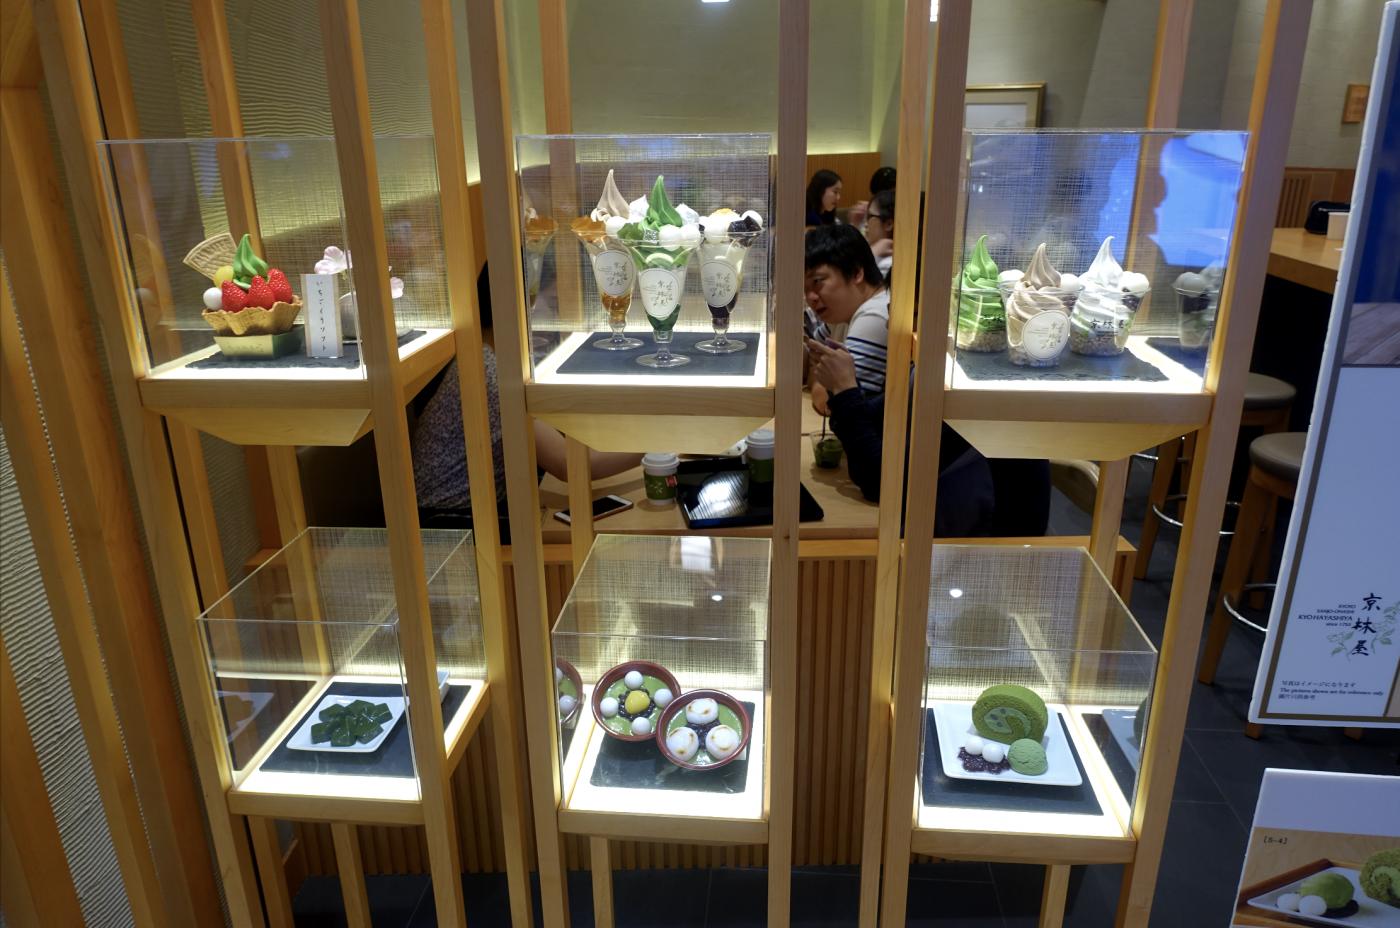 香港印象:高度商业化、整洁、有序_图1-5